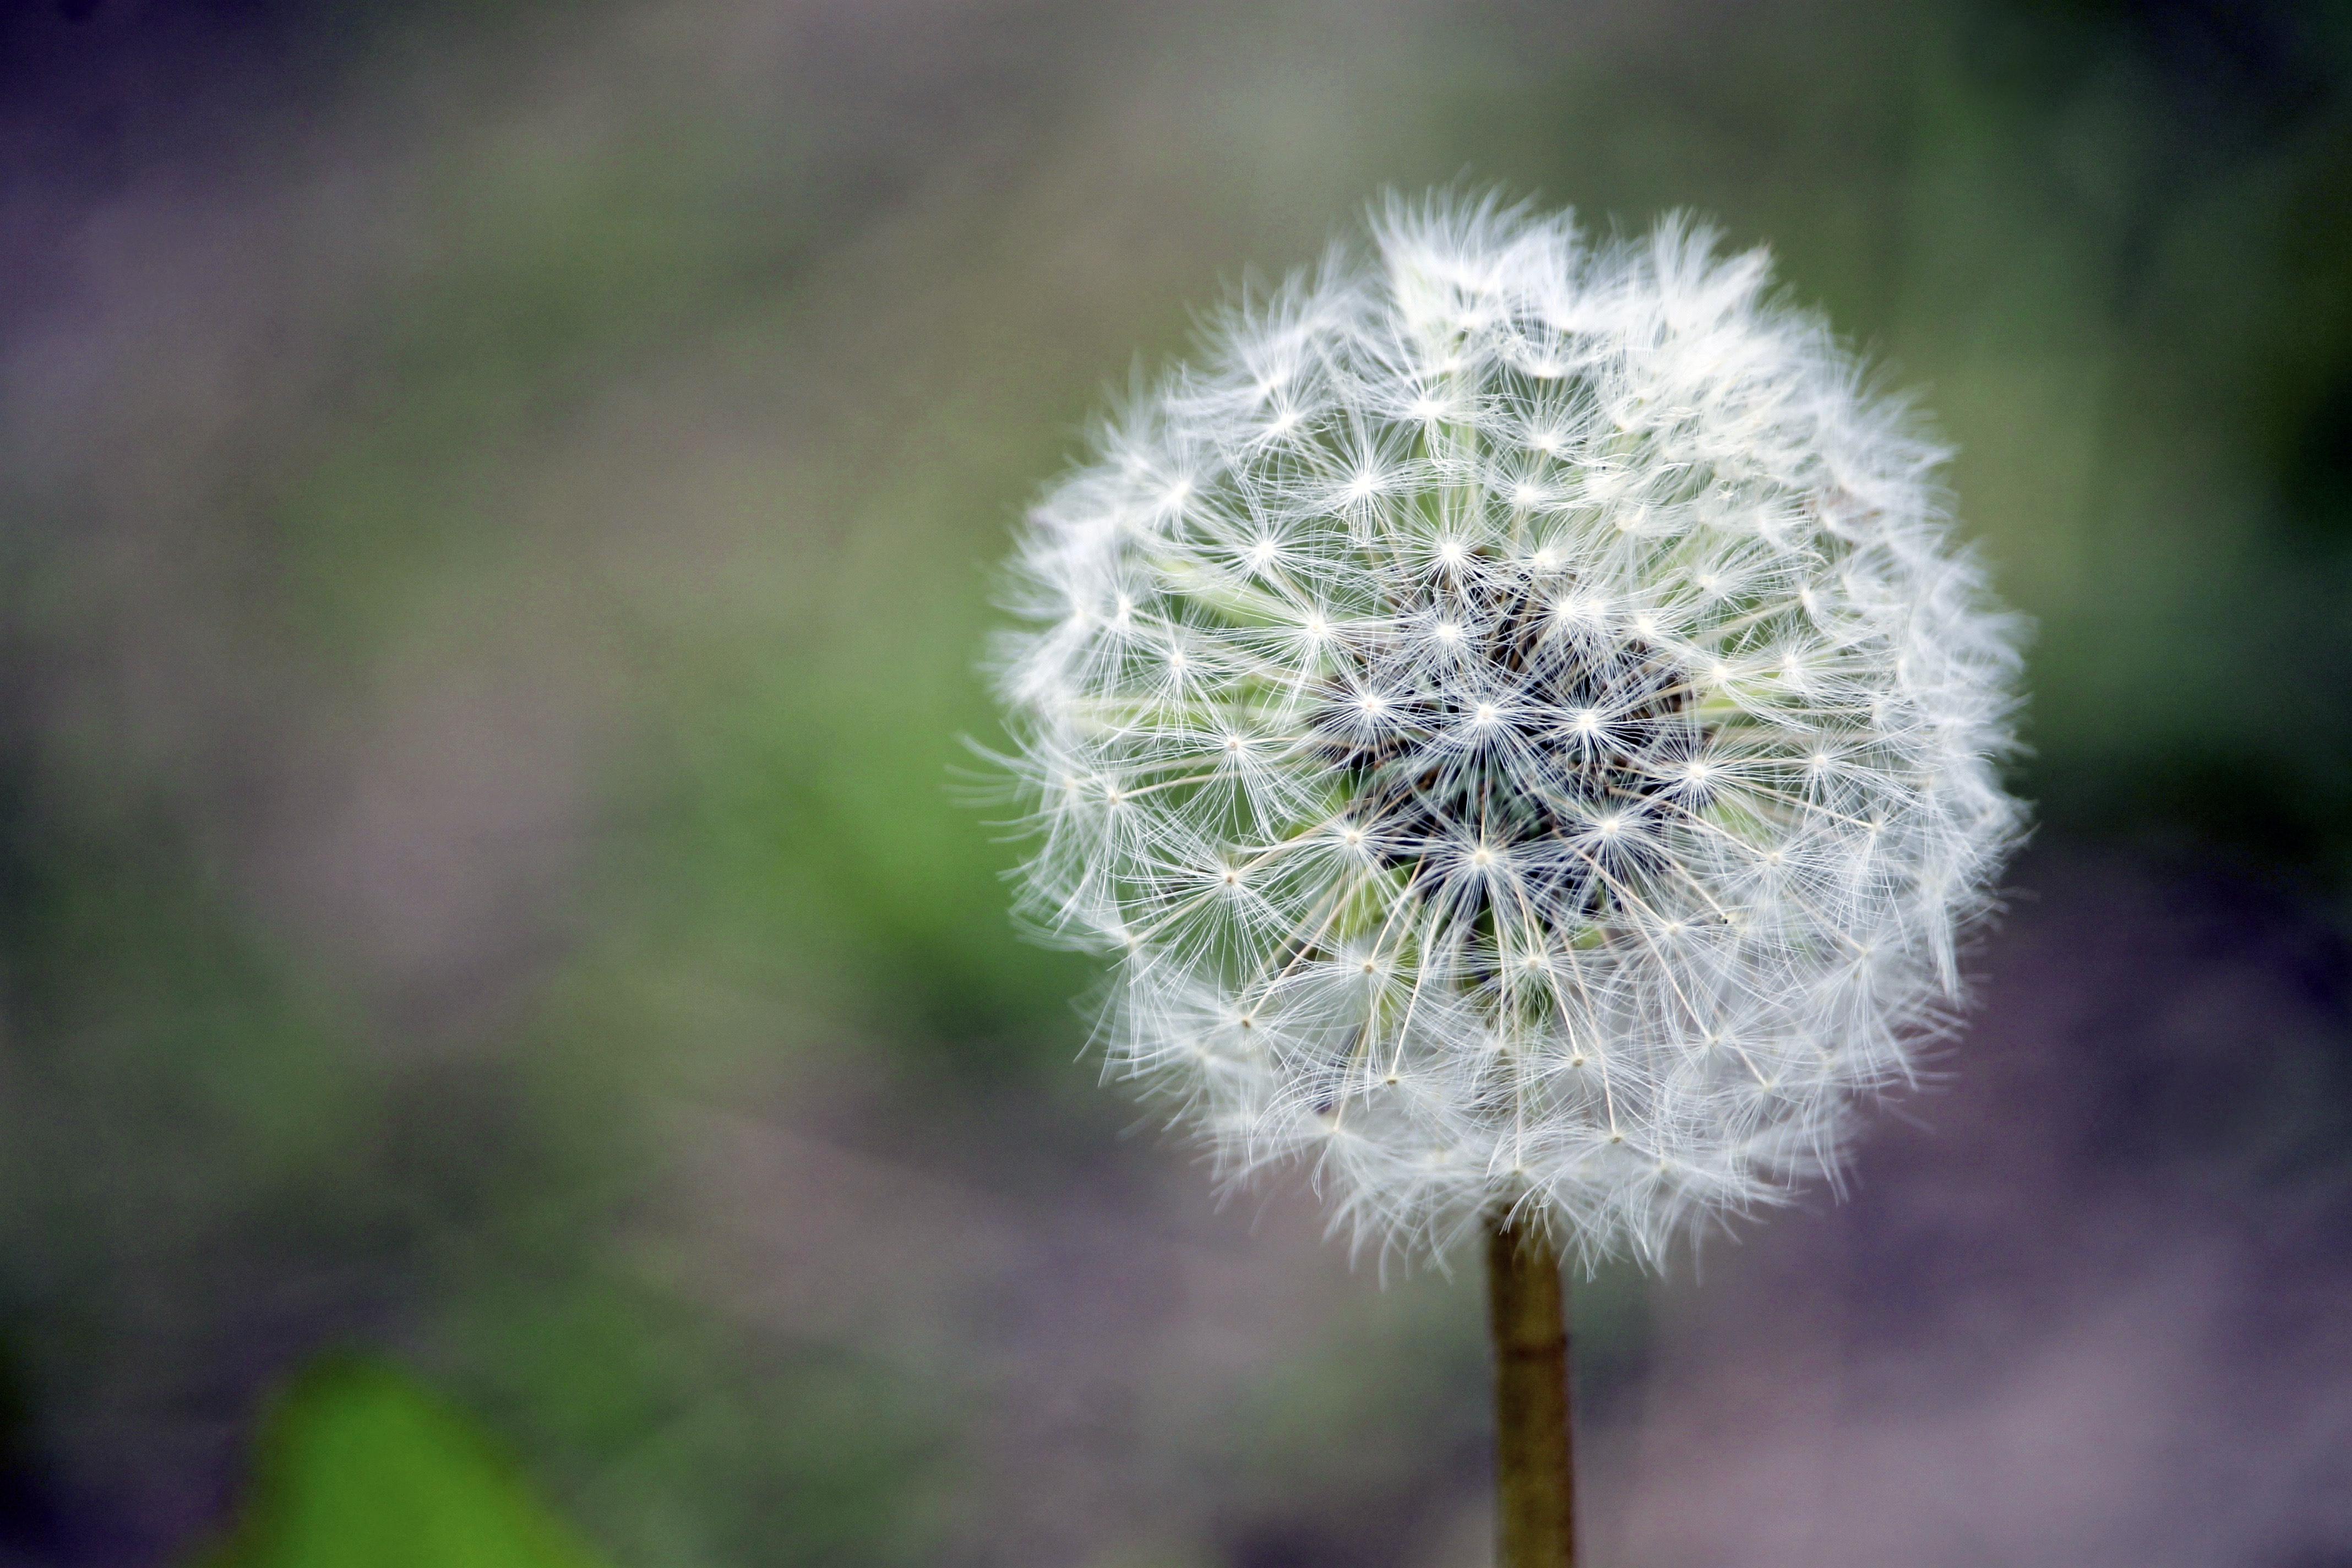 104378 Hintergrundbild herunterladen Blumen, Löwenzahn, Blume, Stengel, Stiel, Flaum, Fuzz - Bildschirmschoner und Bilder kostenlos